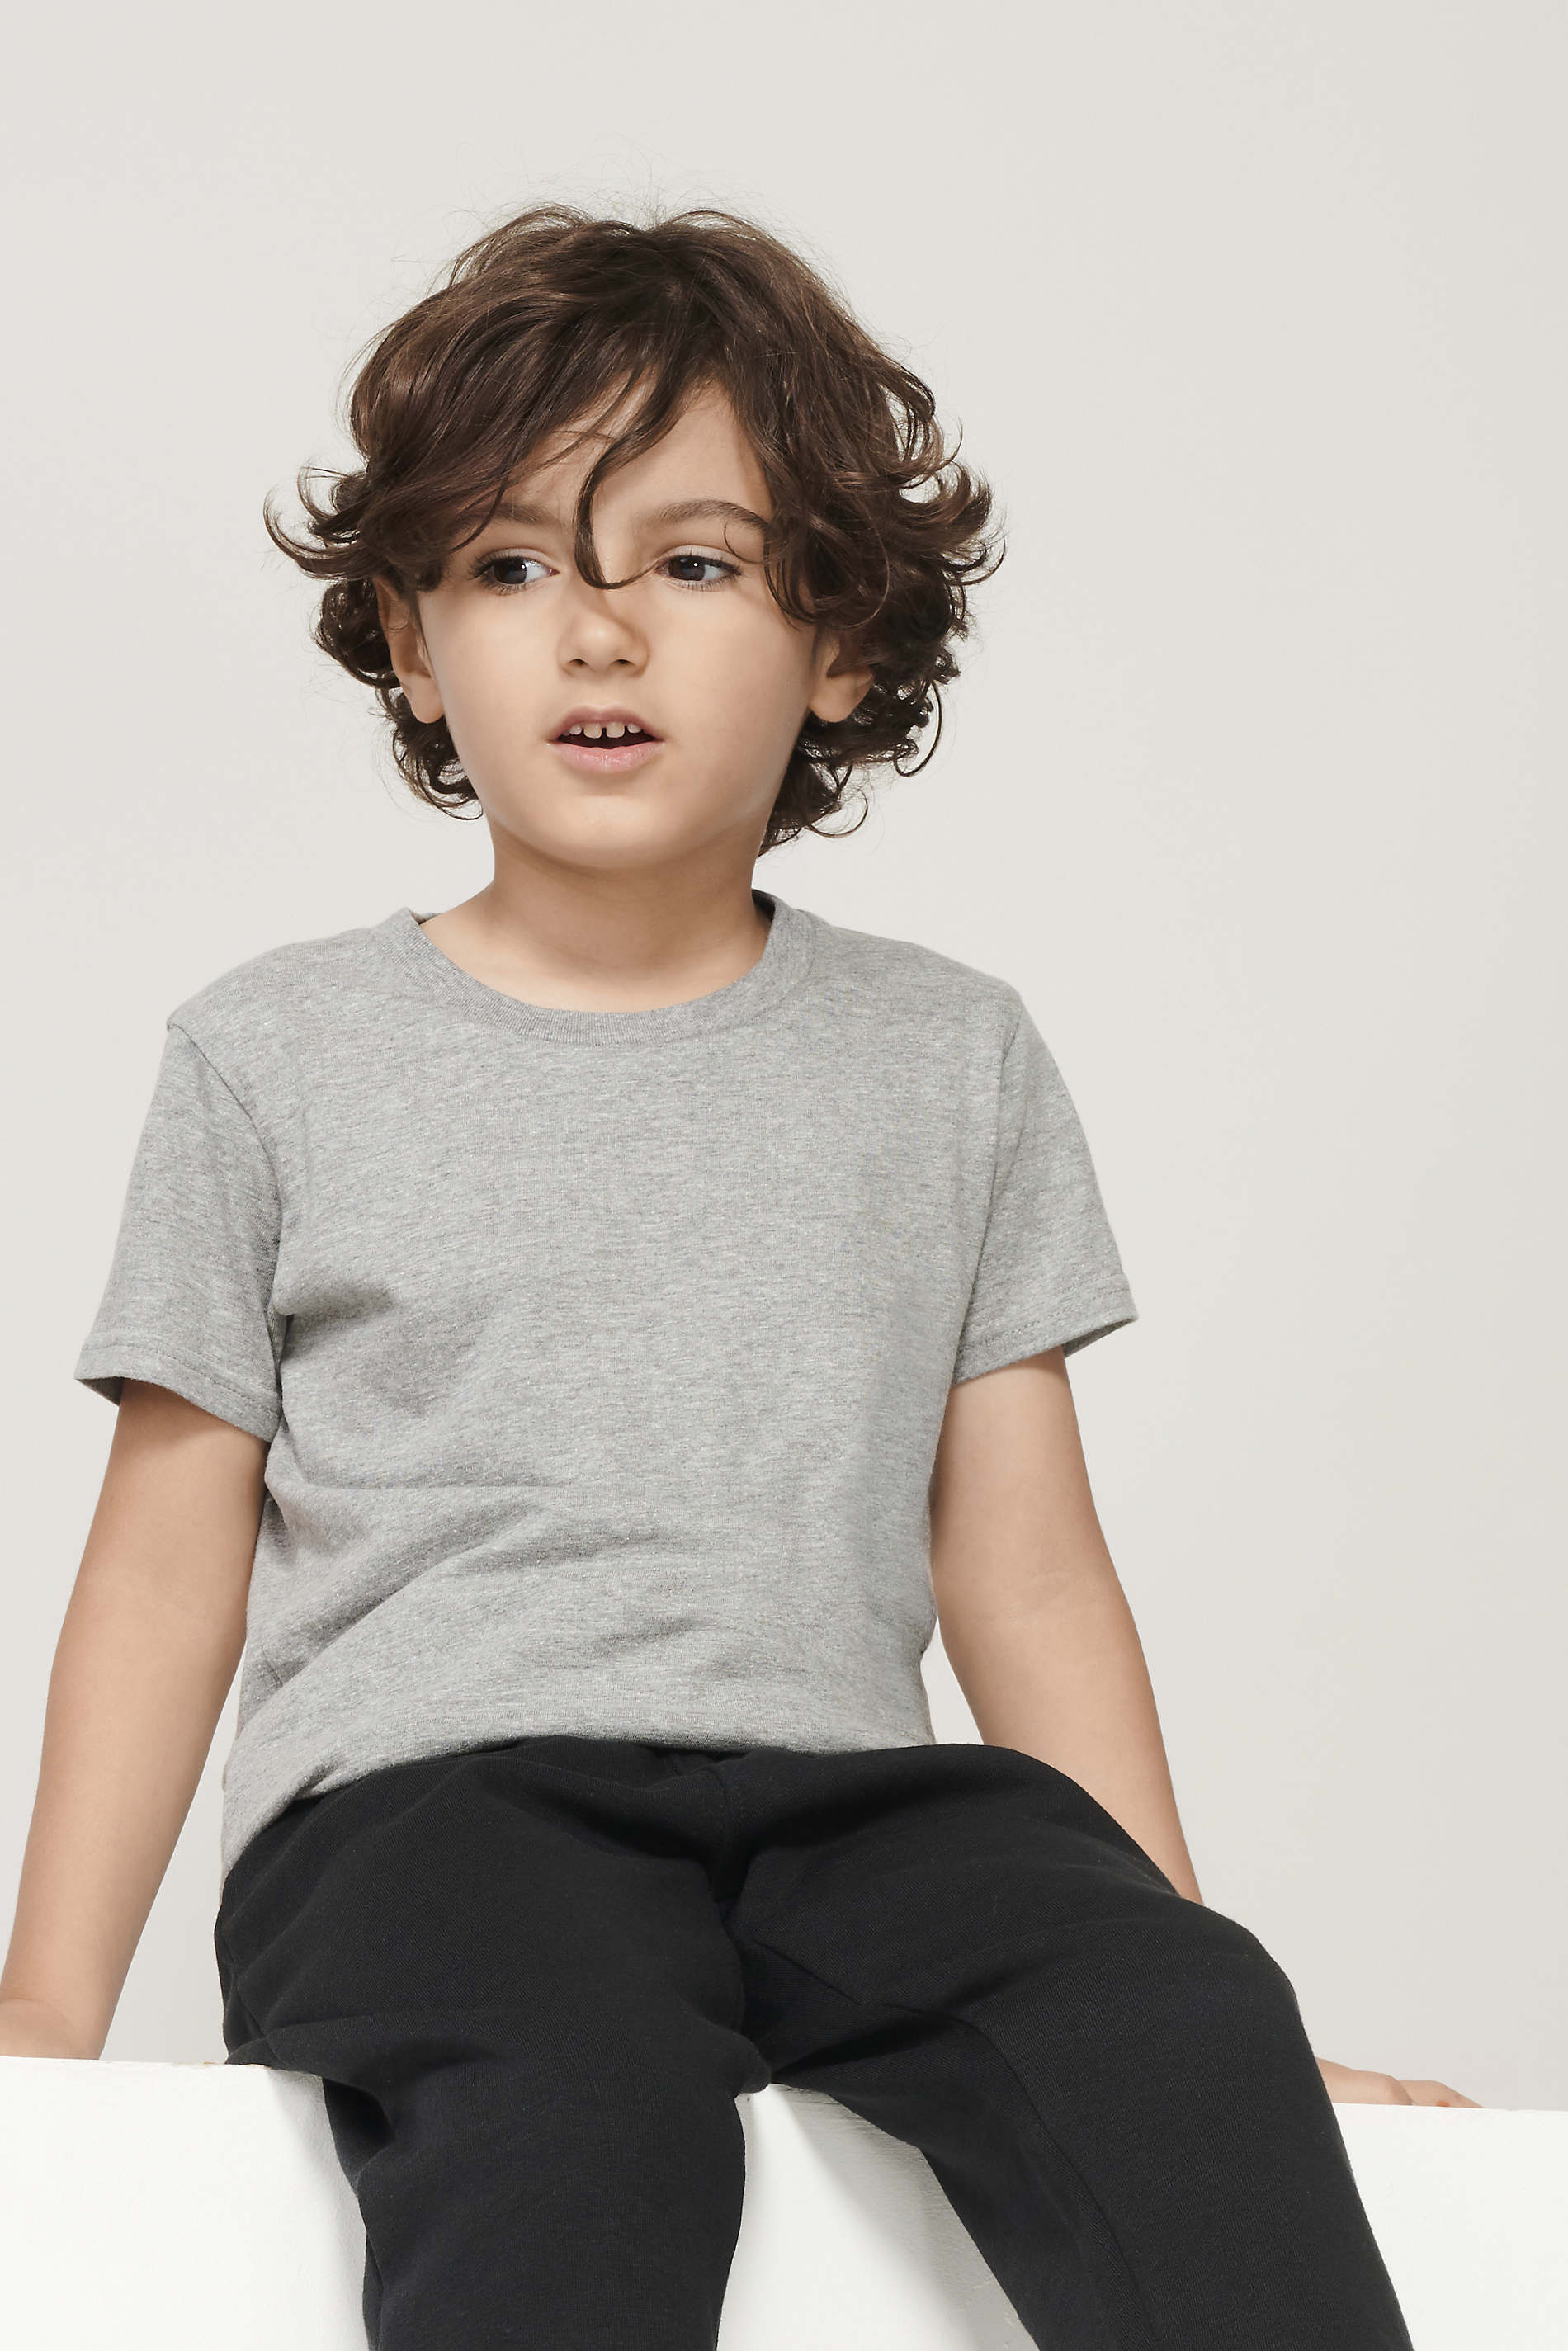 Tee-shirt enfant jersey col rond ajusté